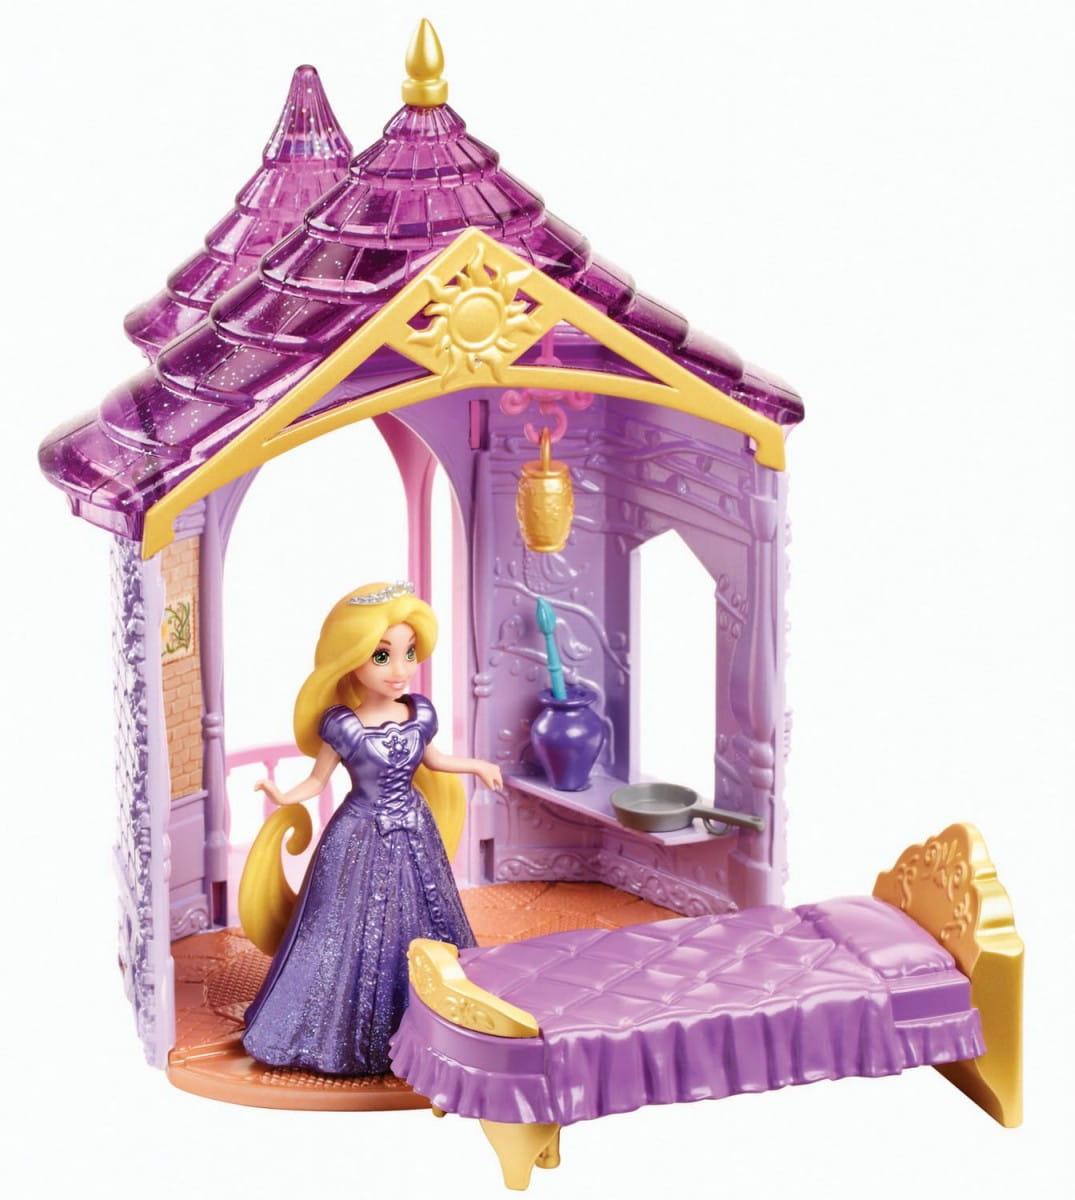 Игровой набор Disney Princess Комната Принцессы Рапунцель с аксессуарами (Mattel)